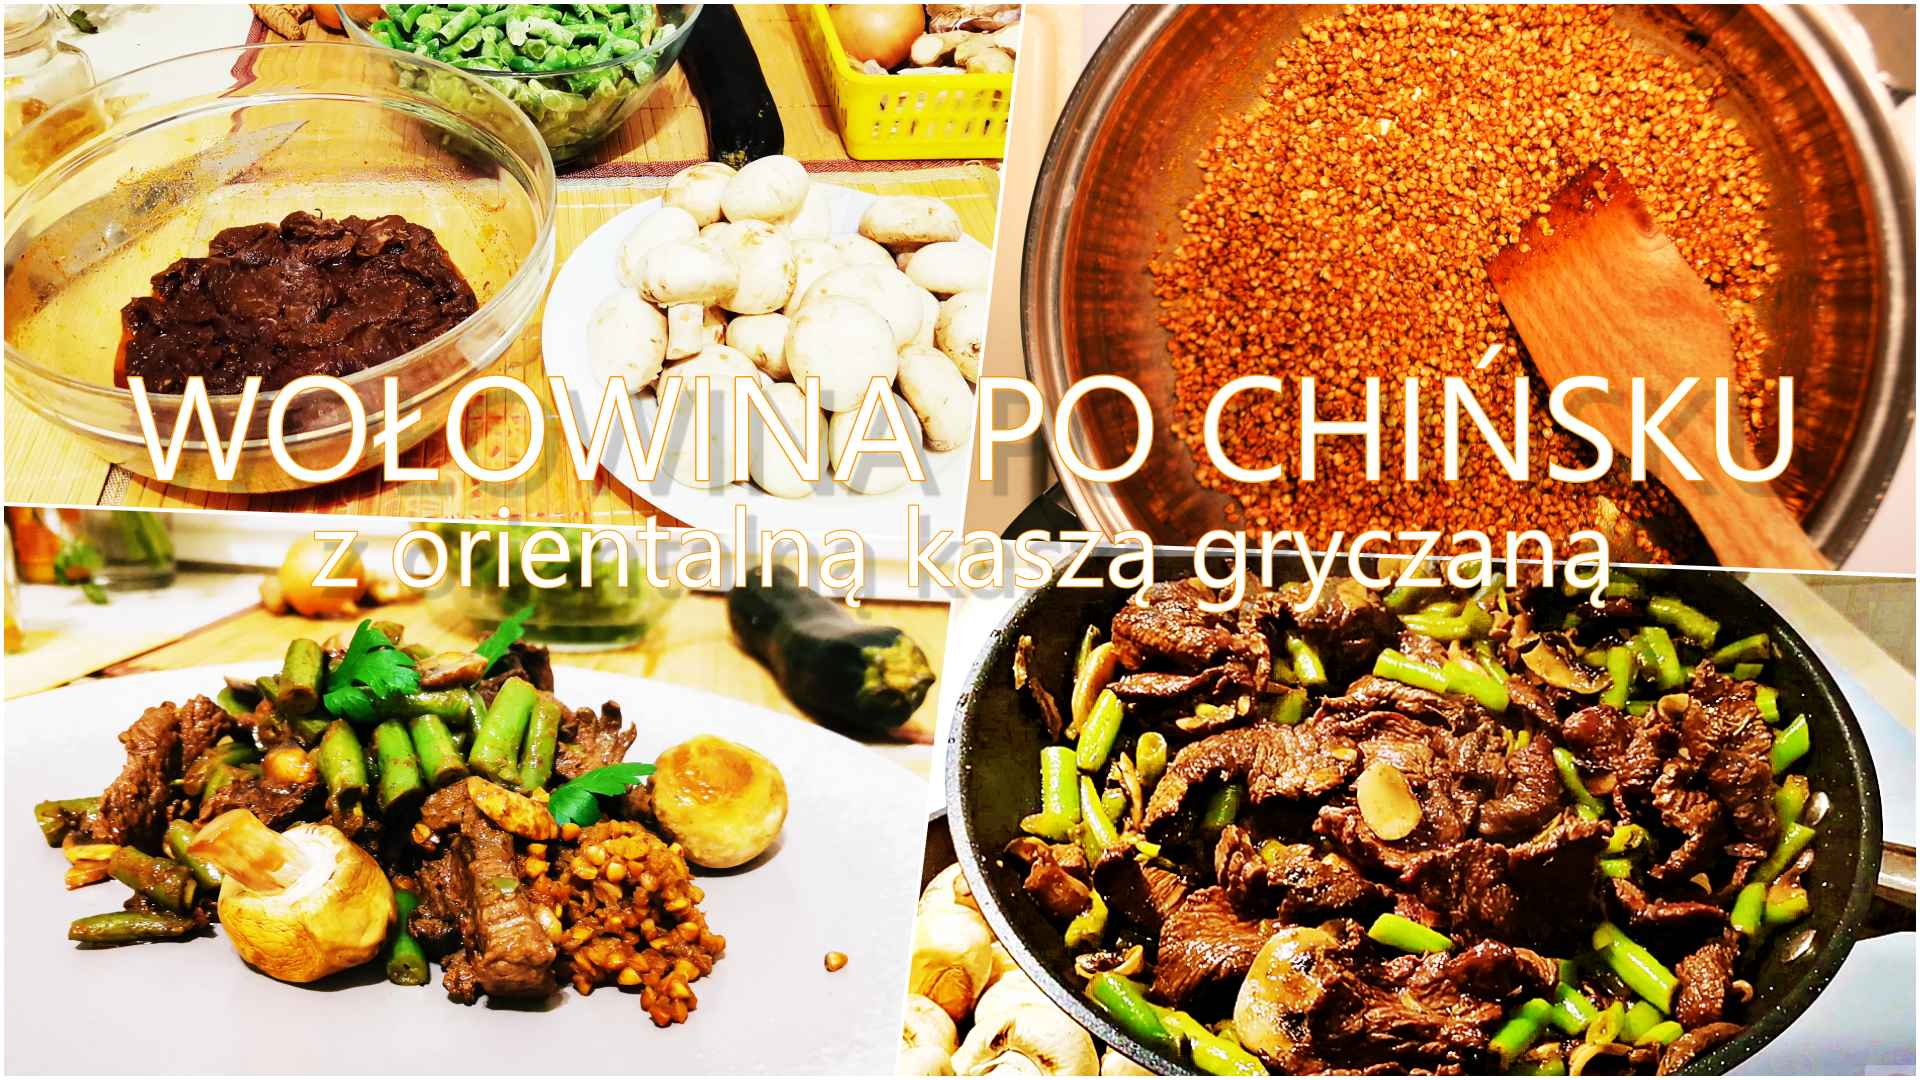 Wołowina po chińsku